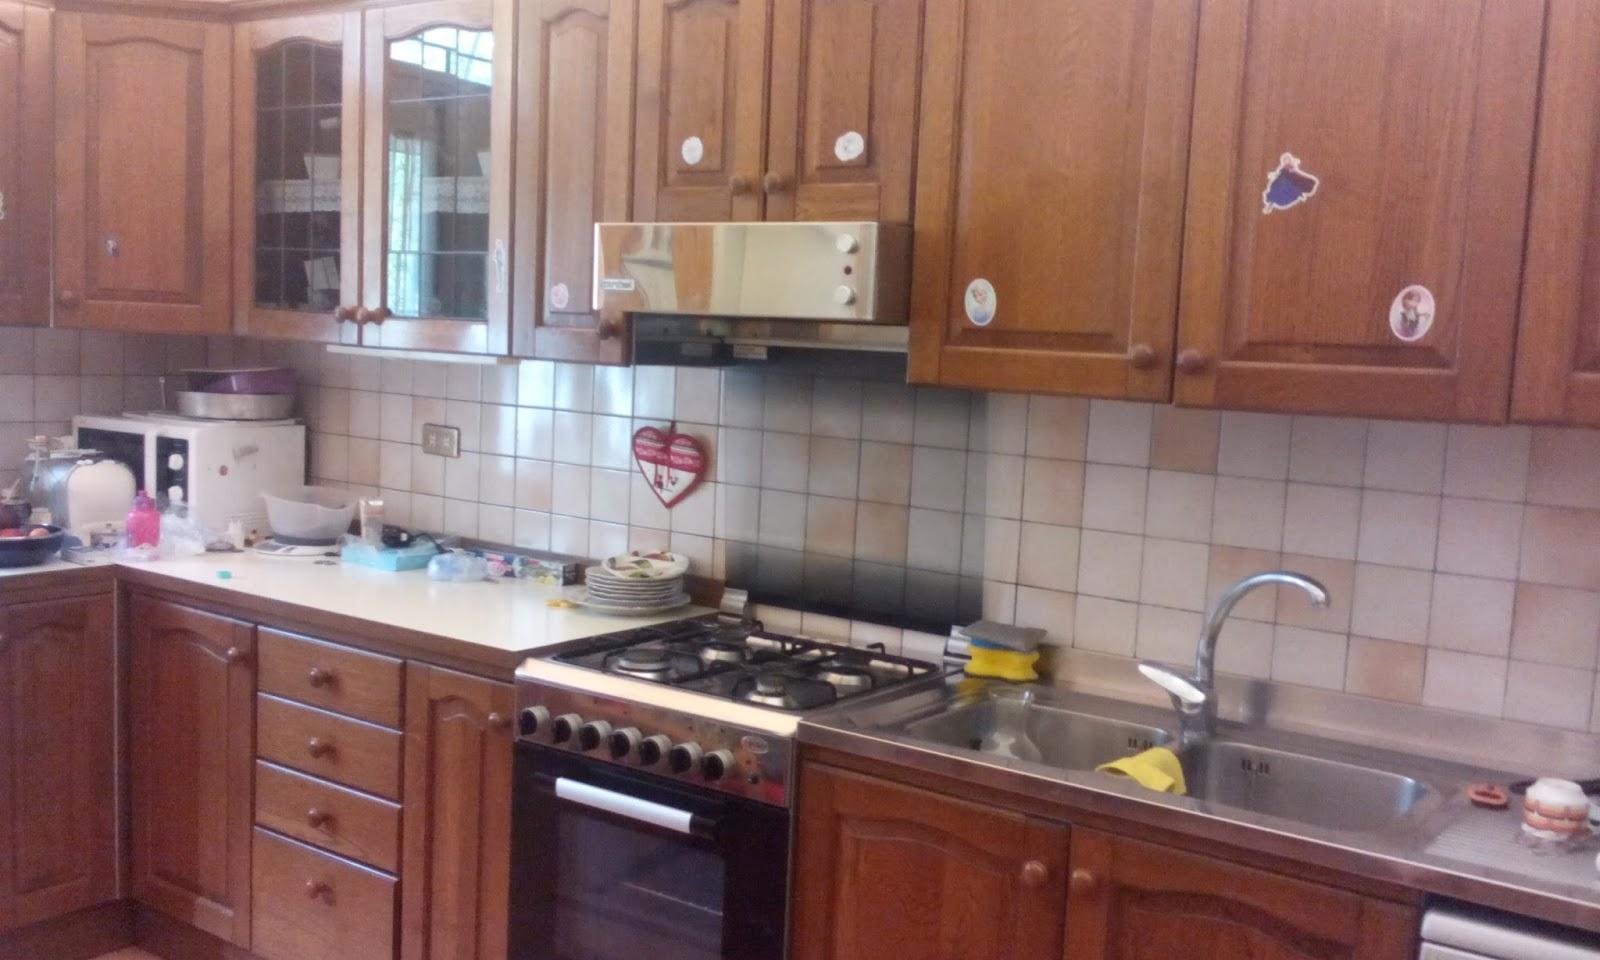 mammaconicalzettoni: Addio mobili (della cucina)